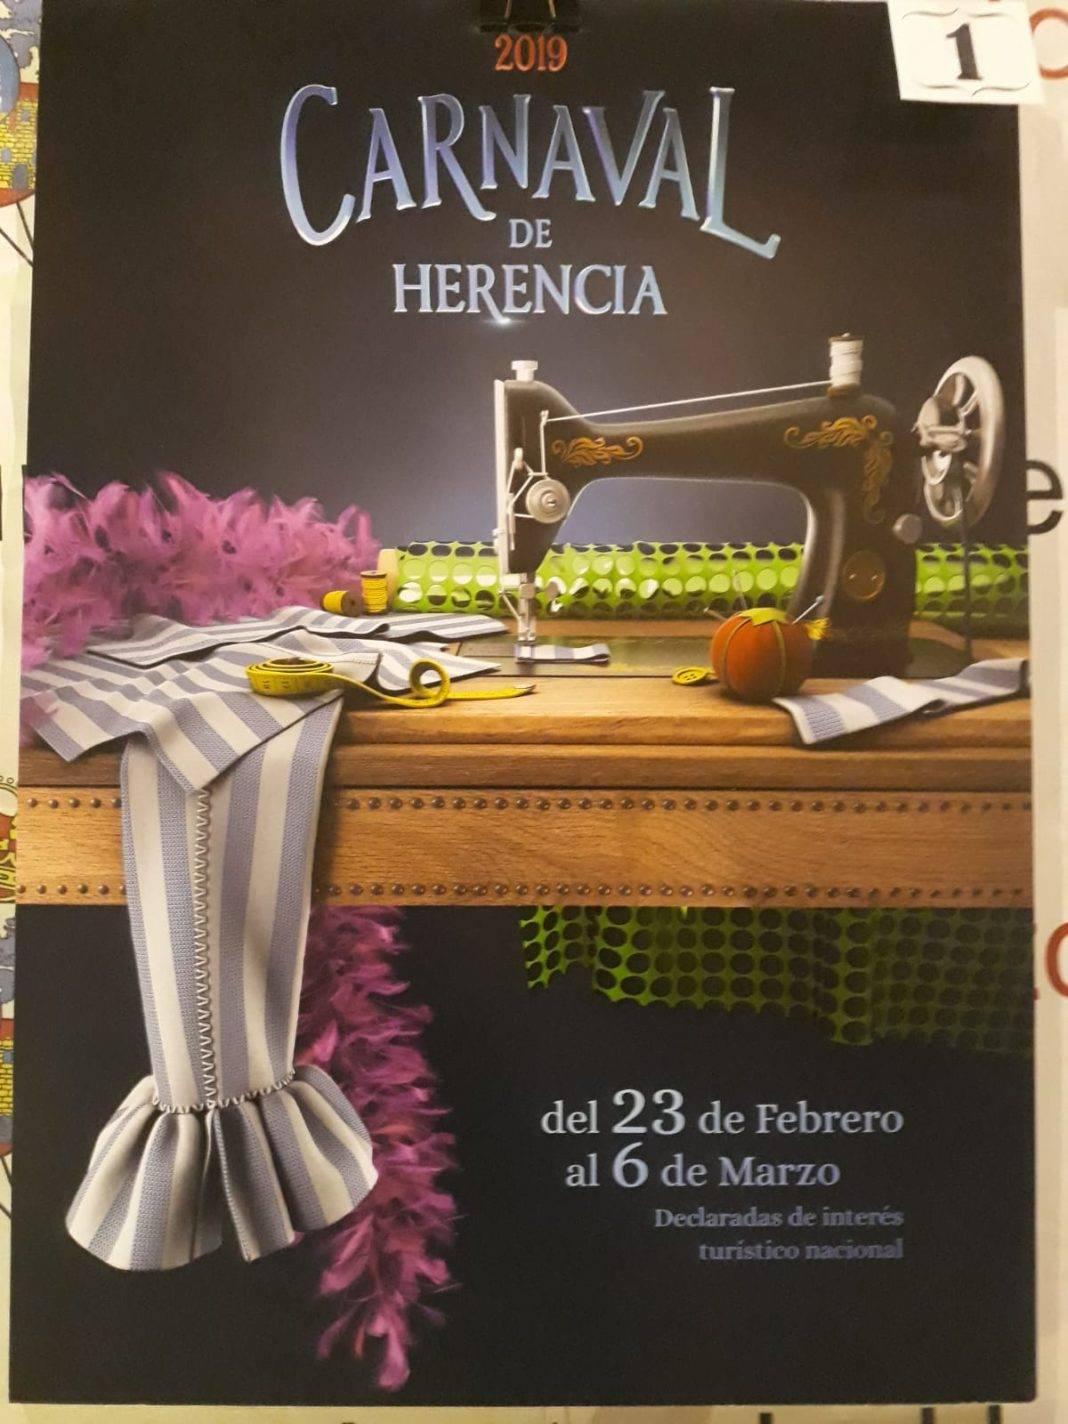 Vídeo de la presentación del Carnaval de Herencia 2019 1